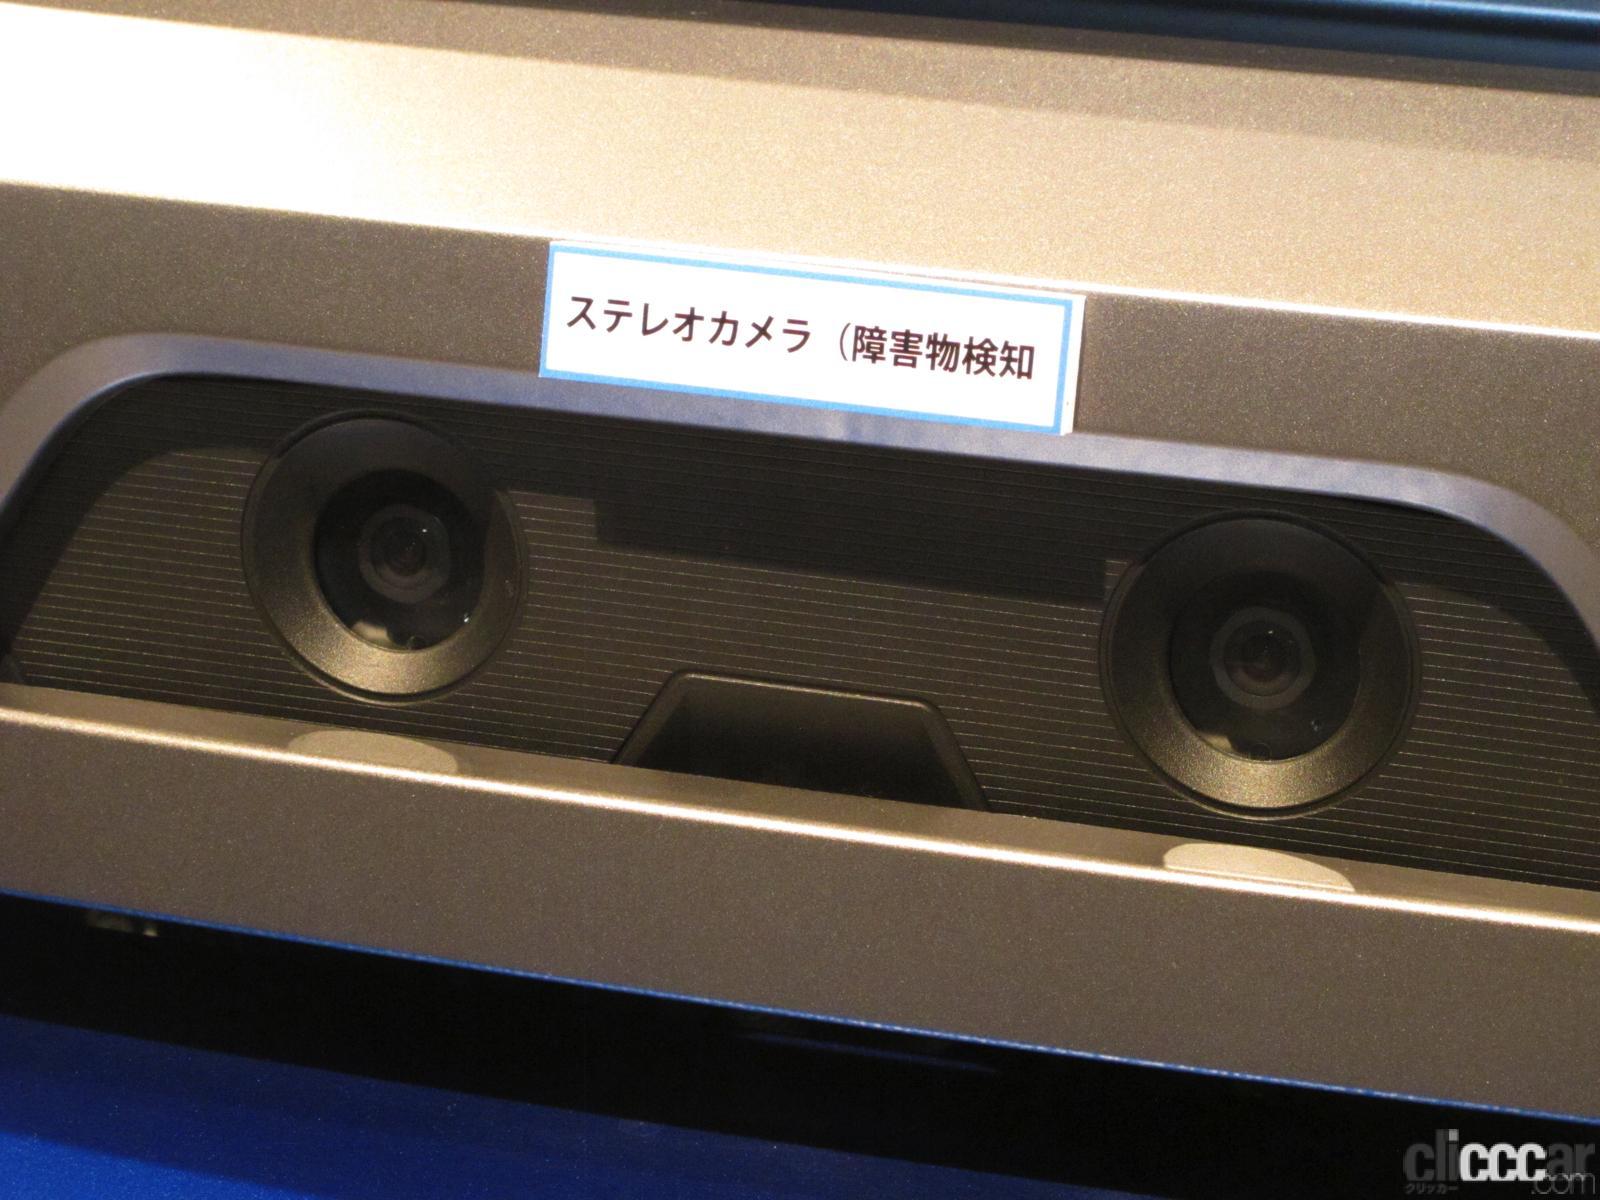 「清水和夫が解説!日本が進める「自動運転の今」はどんな技術で、どう使うのか?【SIP第2期 自動運転 中間成果発表会】」の24枚目の画像